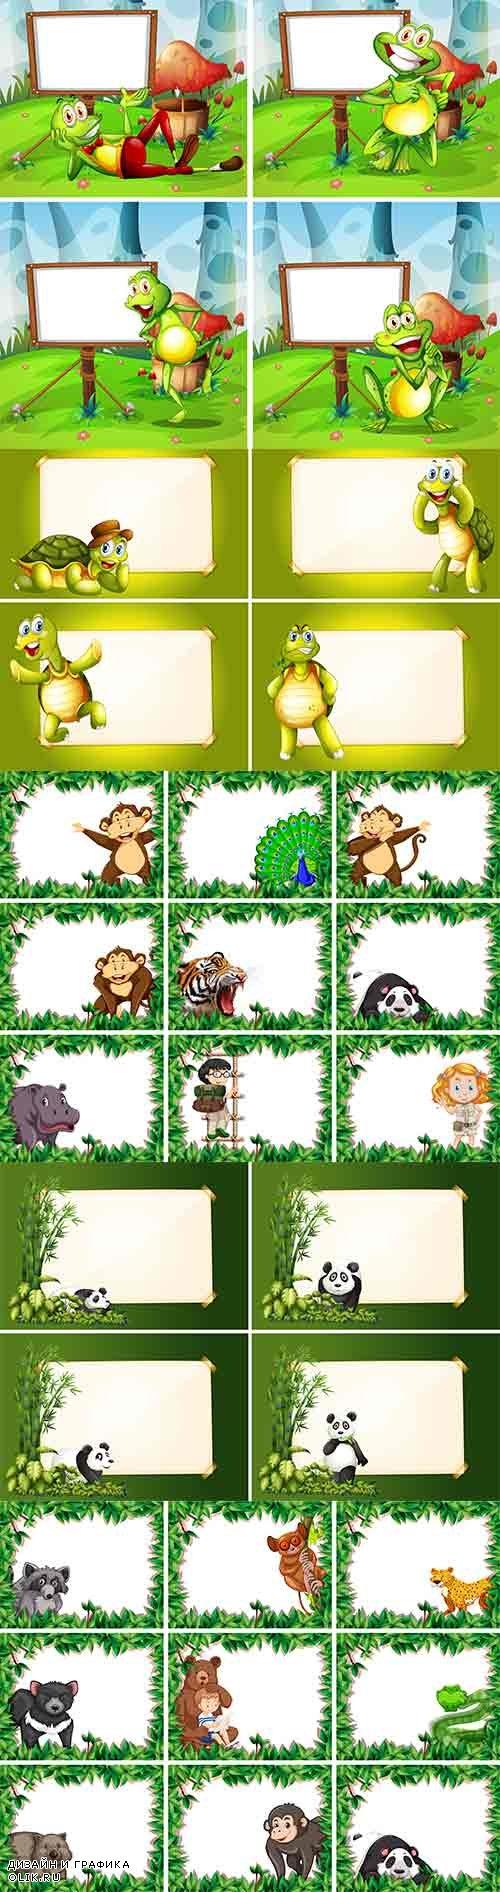 Летние рамки с животными - Векторный клипарт / Summer frames with live animals - Vector Graphics